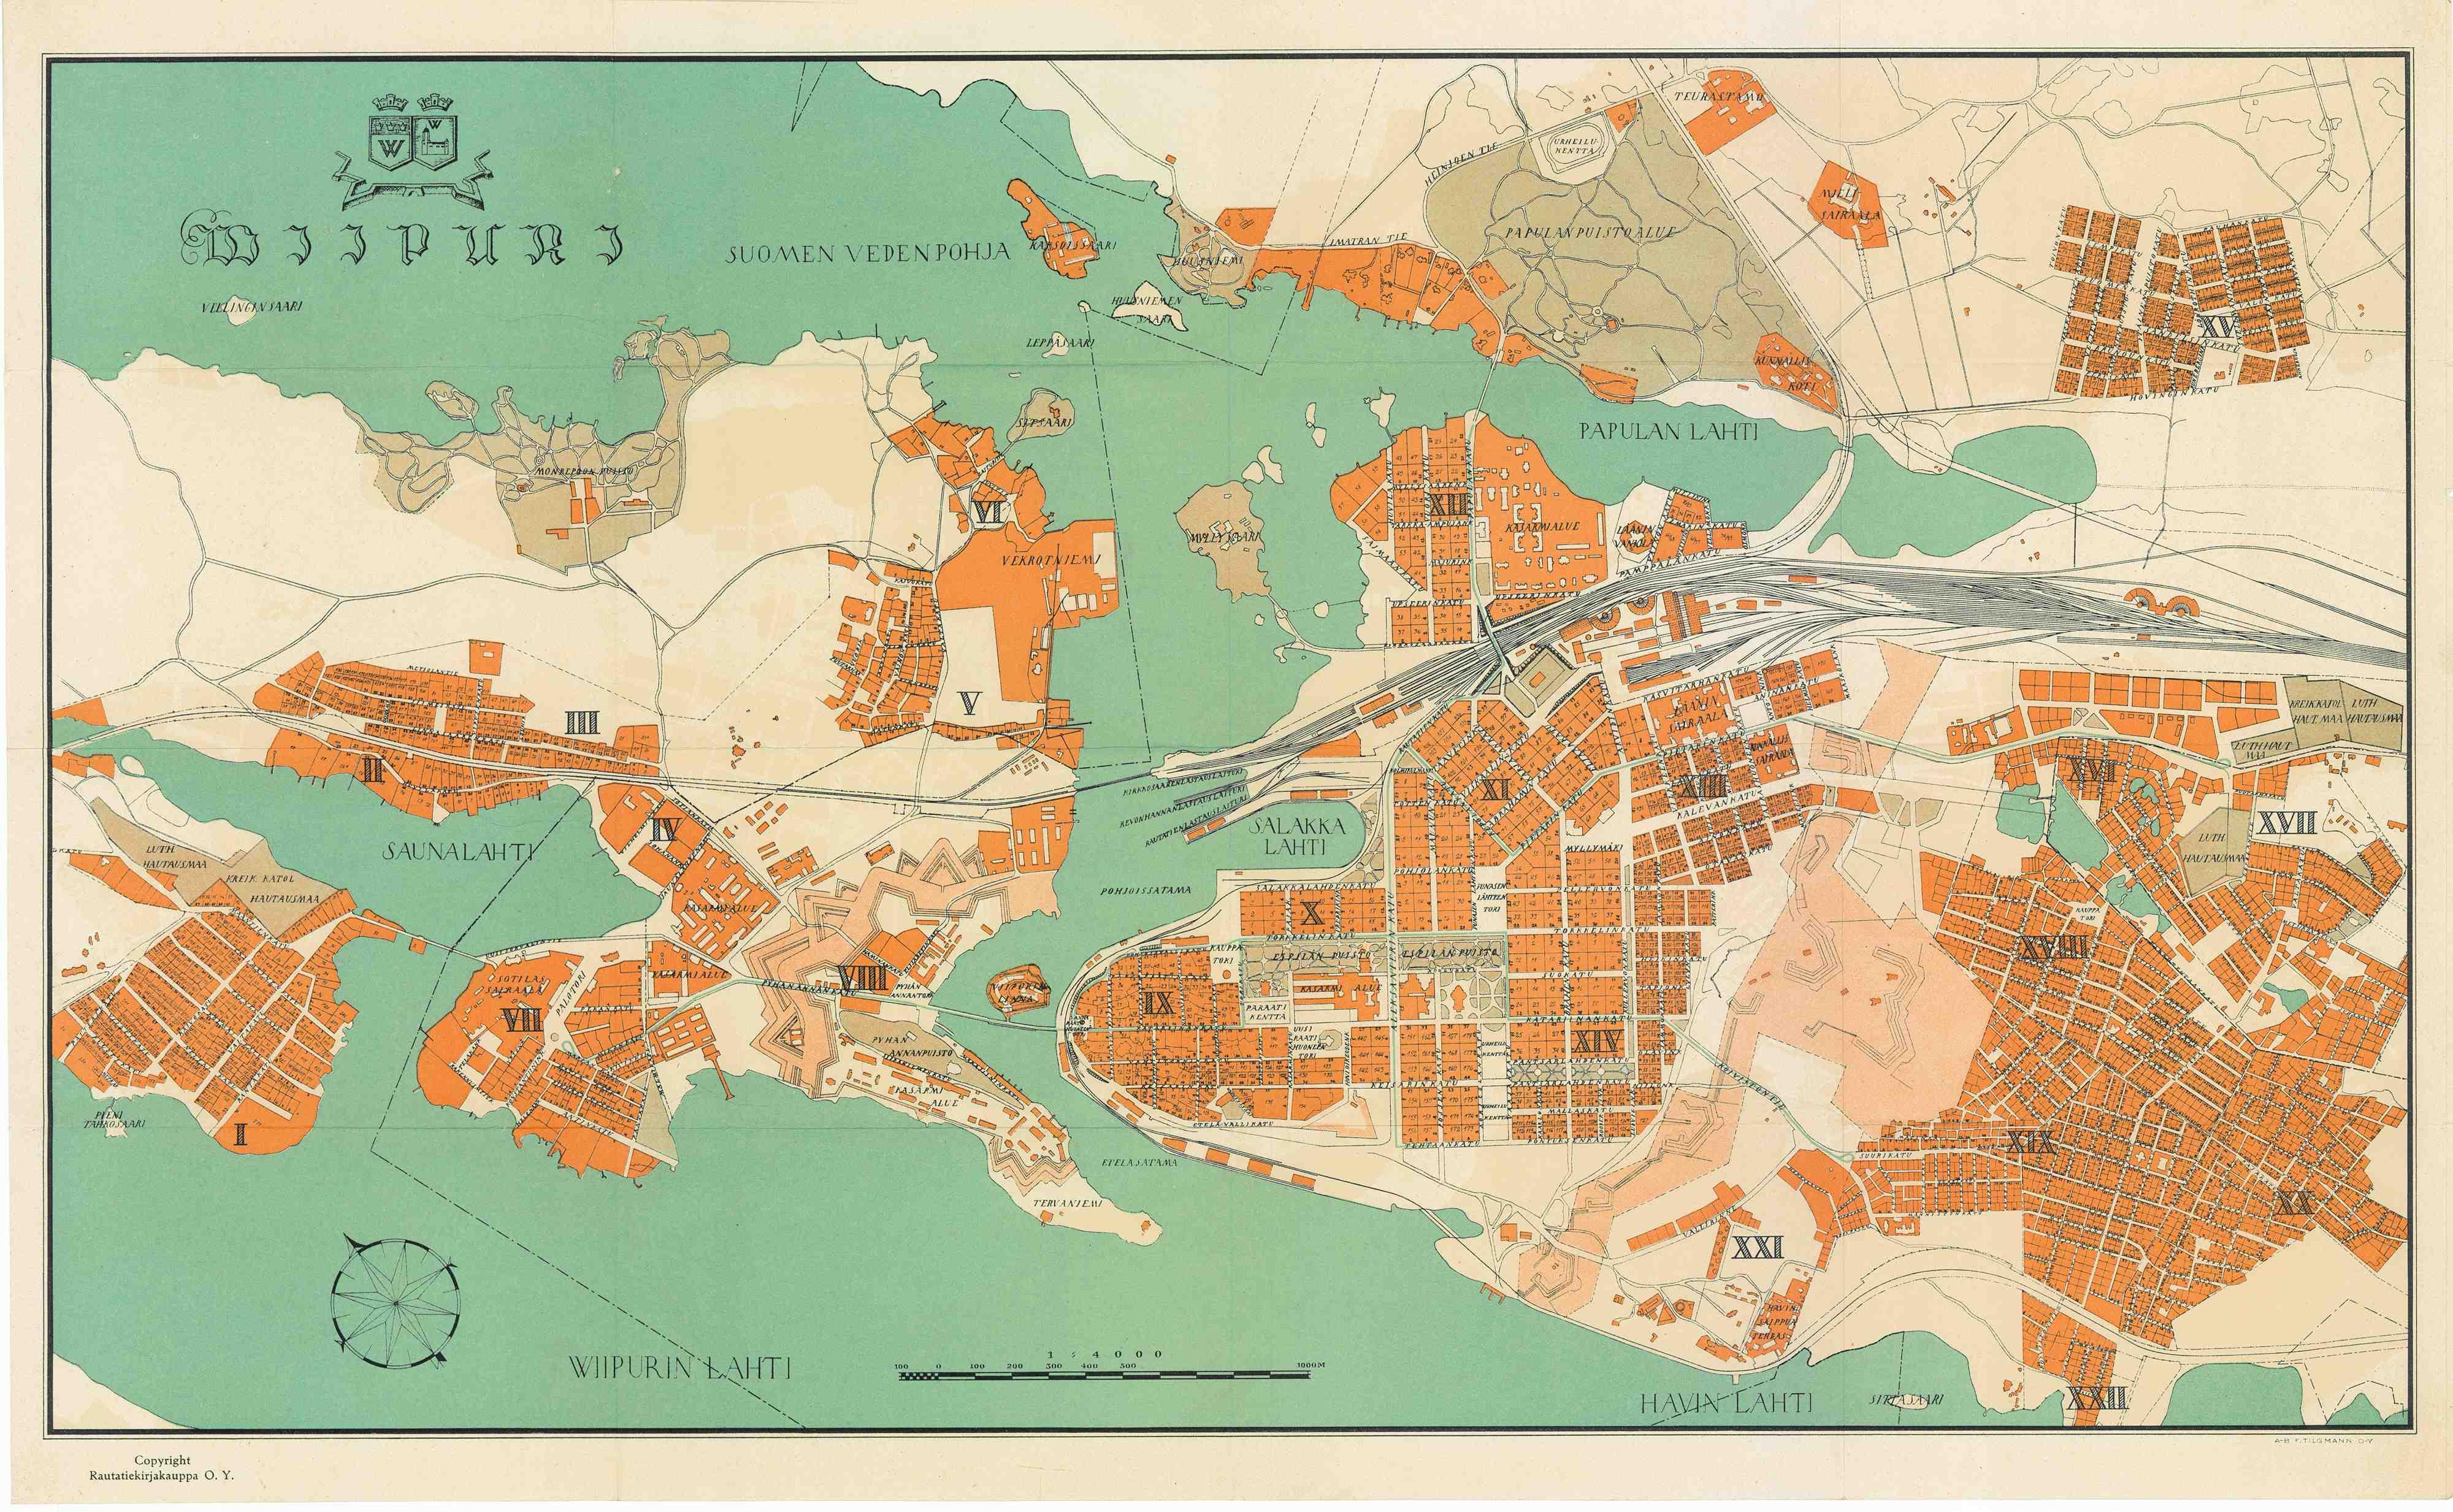 Viipuri Kartta Ja Opas Plankarta Och Vagledning Map Of The